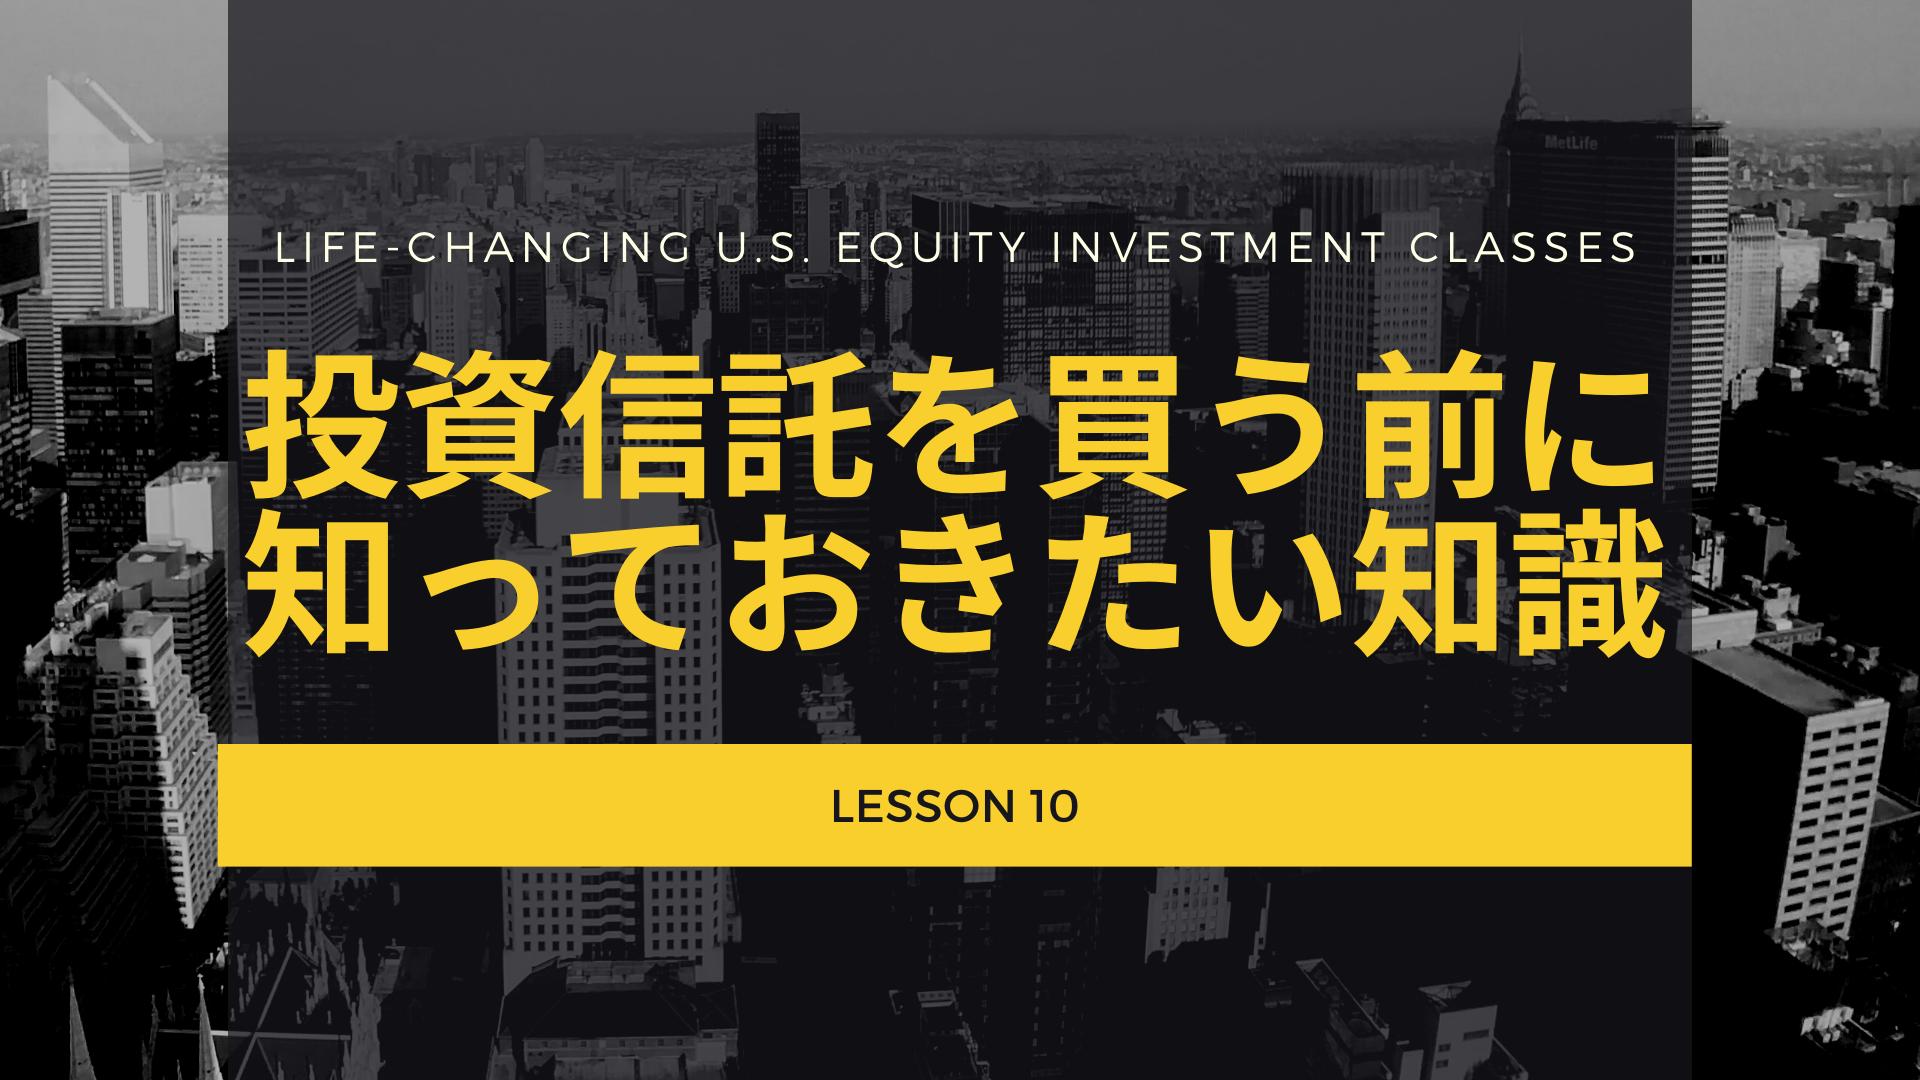 投資信託を買う前に知っておきたい知識